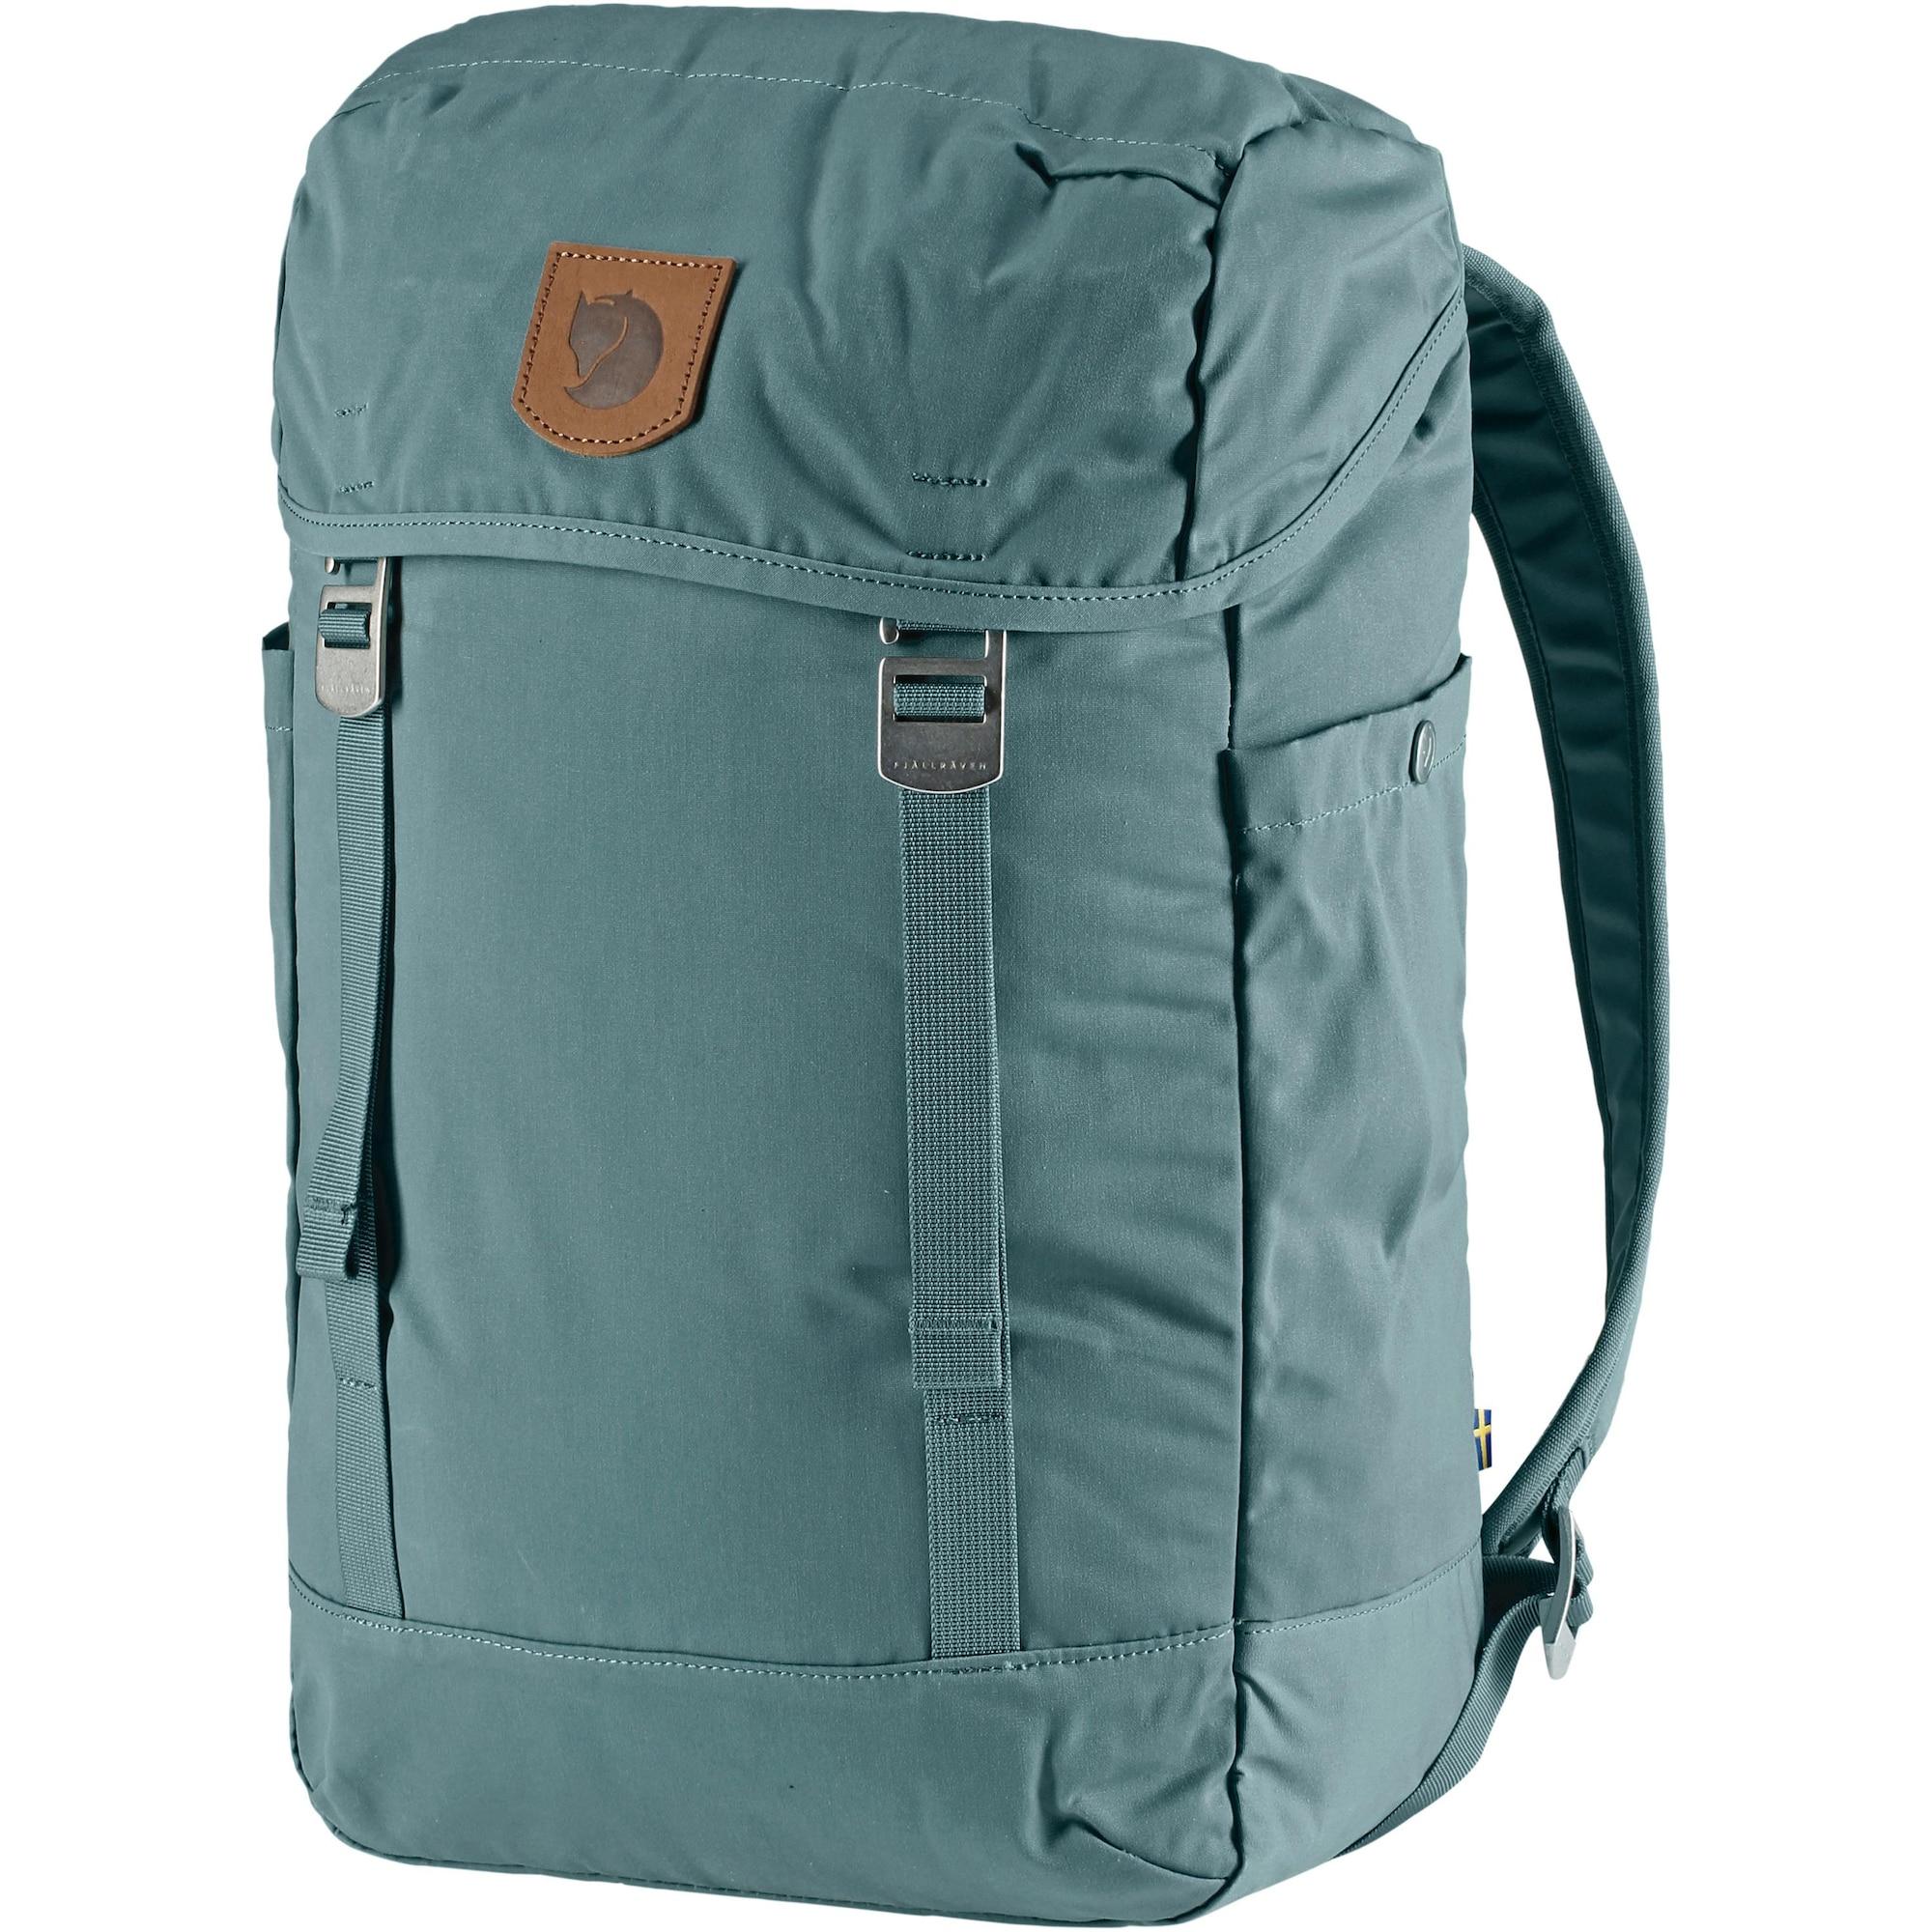 Daypack 'Greenland Top'   Taschen > Rucksäcke > Tagesrucksäcke   Fjällräven